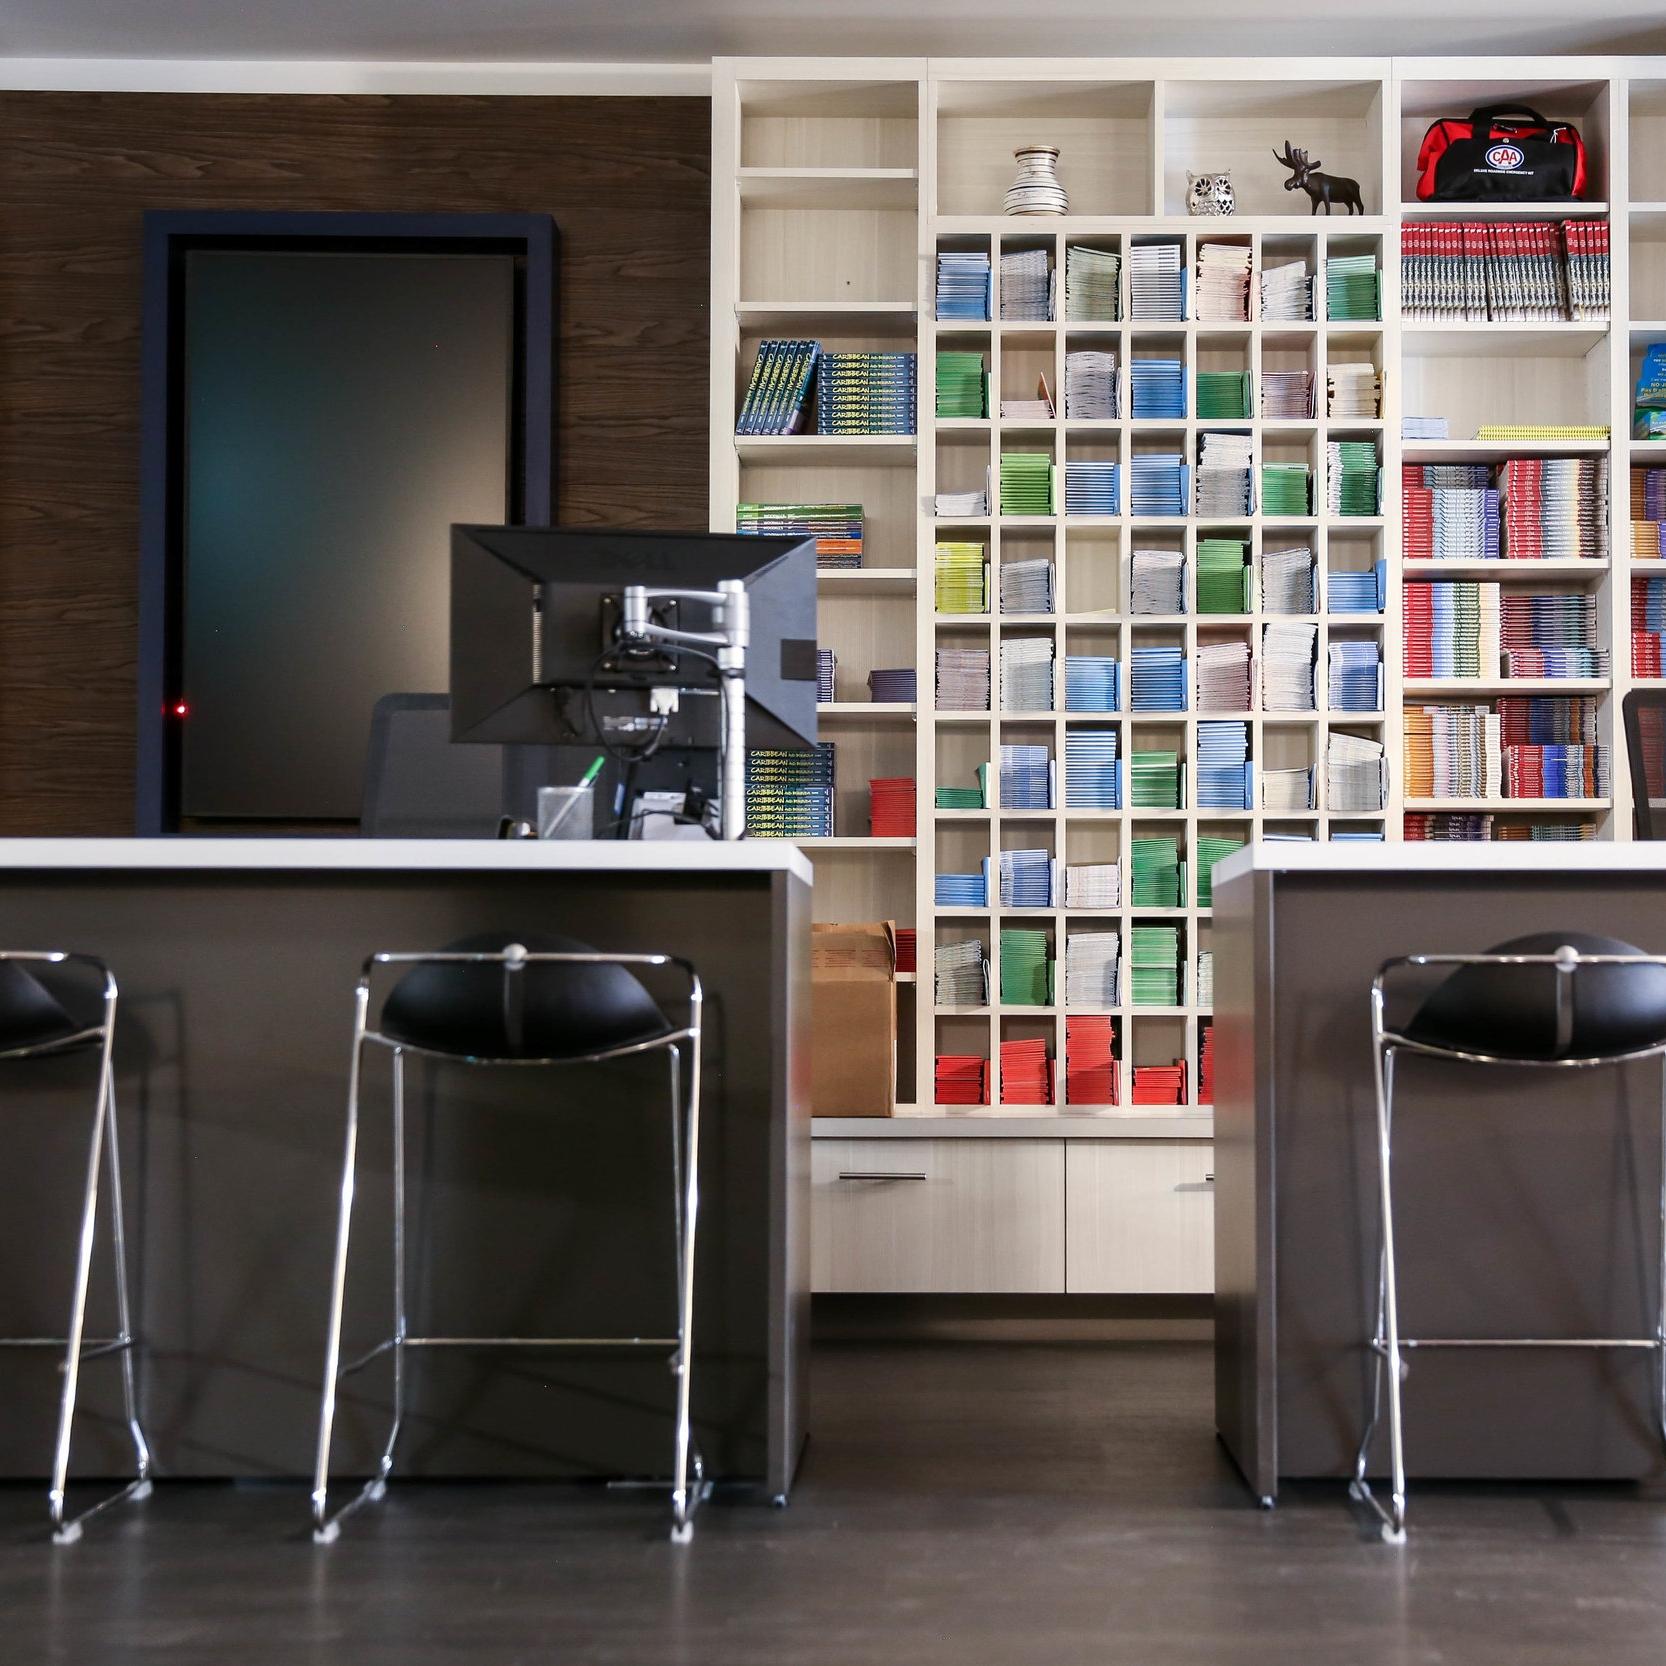 35768883 Design Shop Interior DesignCAA Manitoba, Kildonan Place